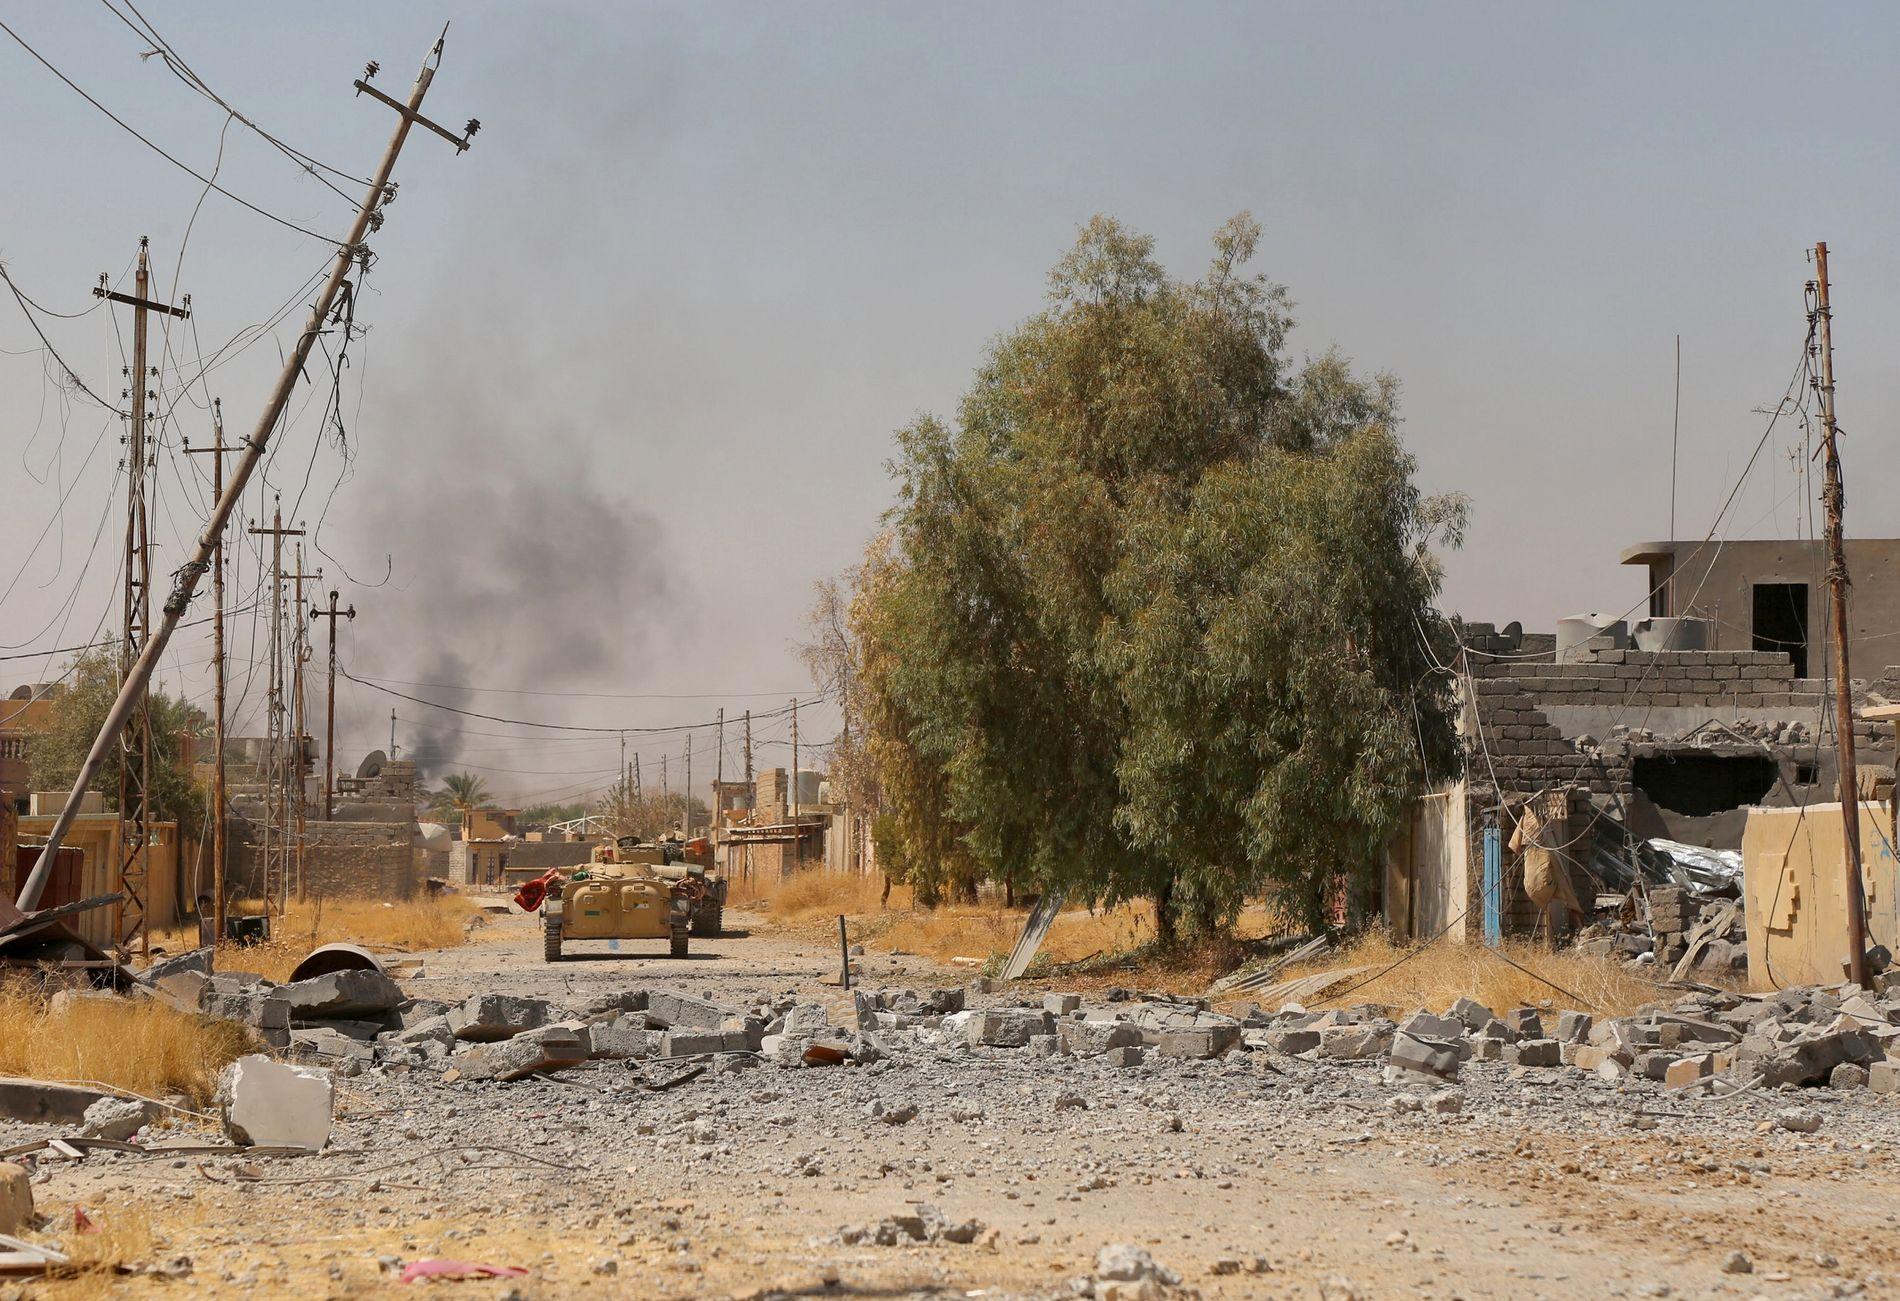 KRIGSHERJET OMRÅDE: Den svenske kvinnens mann skal ha blitt drept i Tal Afar, i nærheten av den irakiske byen Mosul, i 2016.